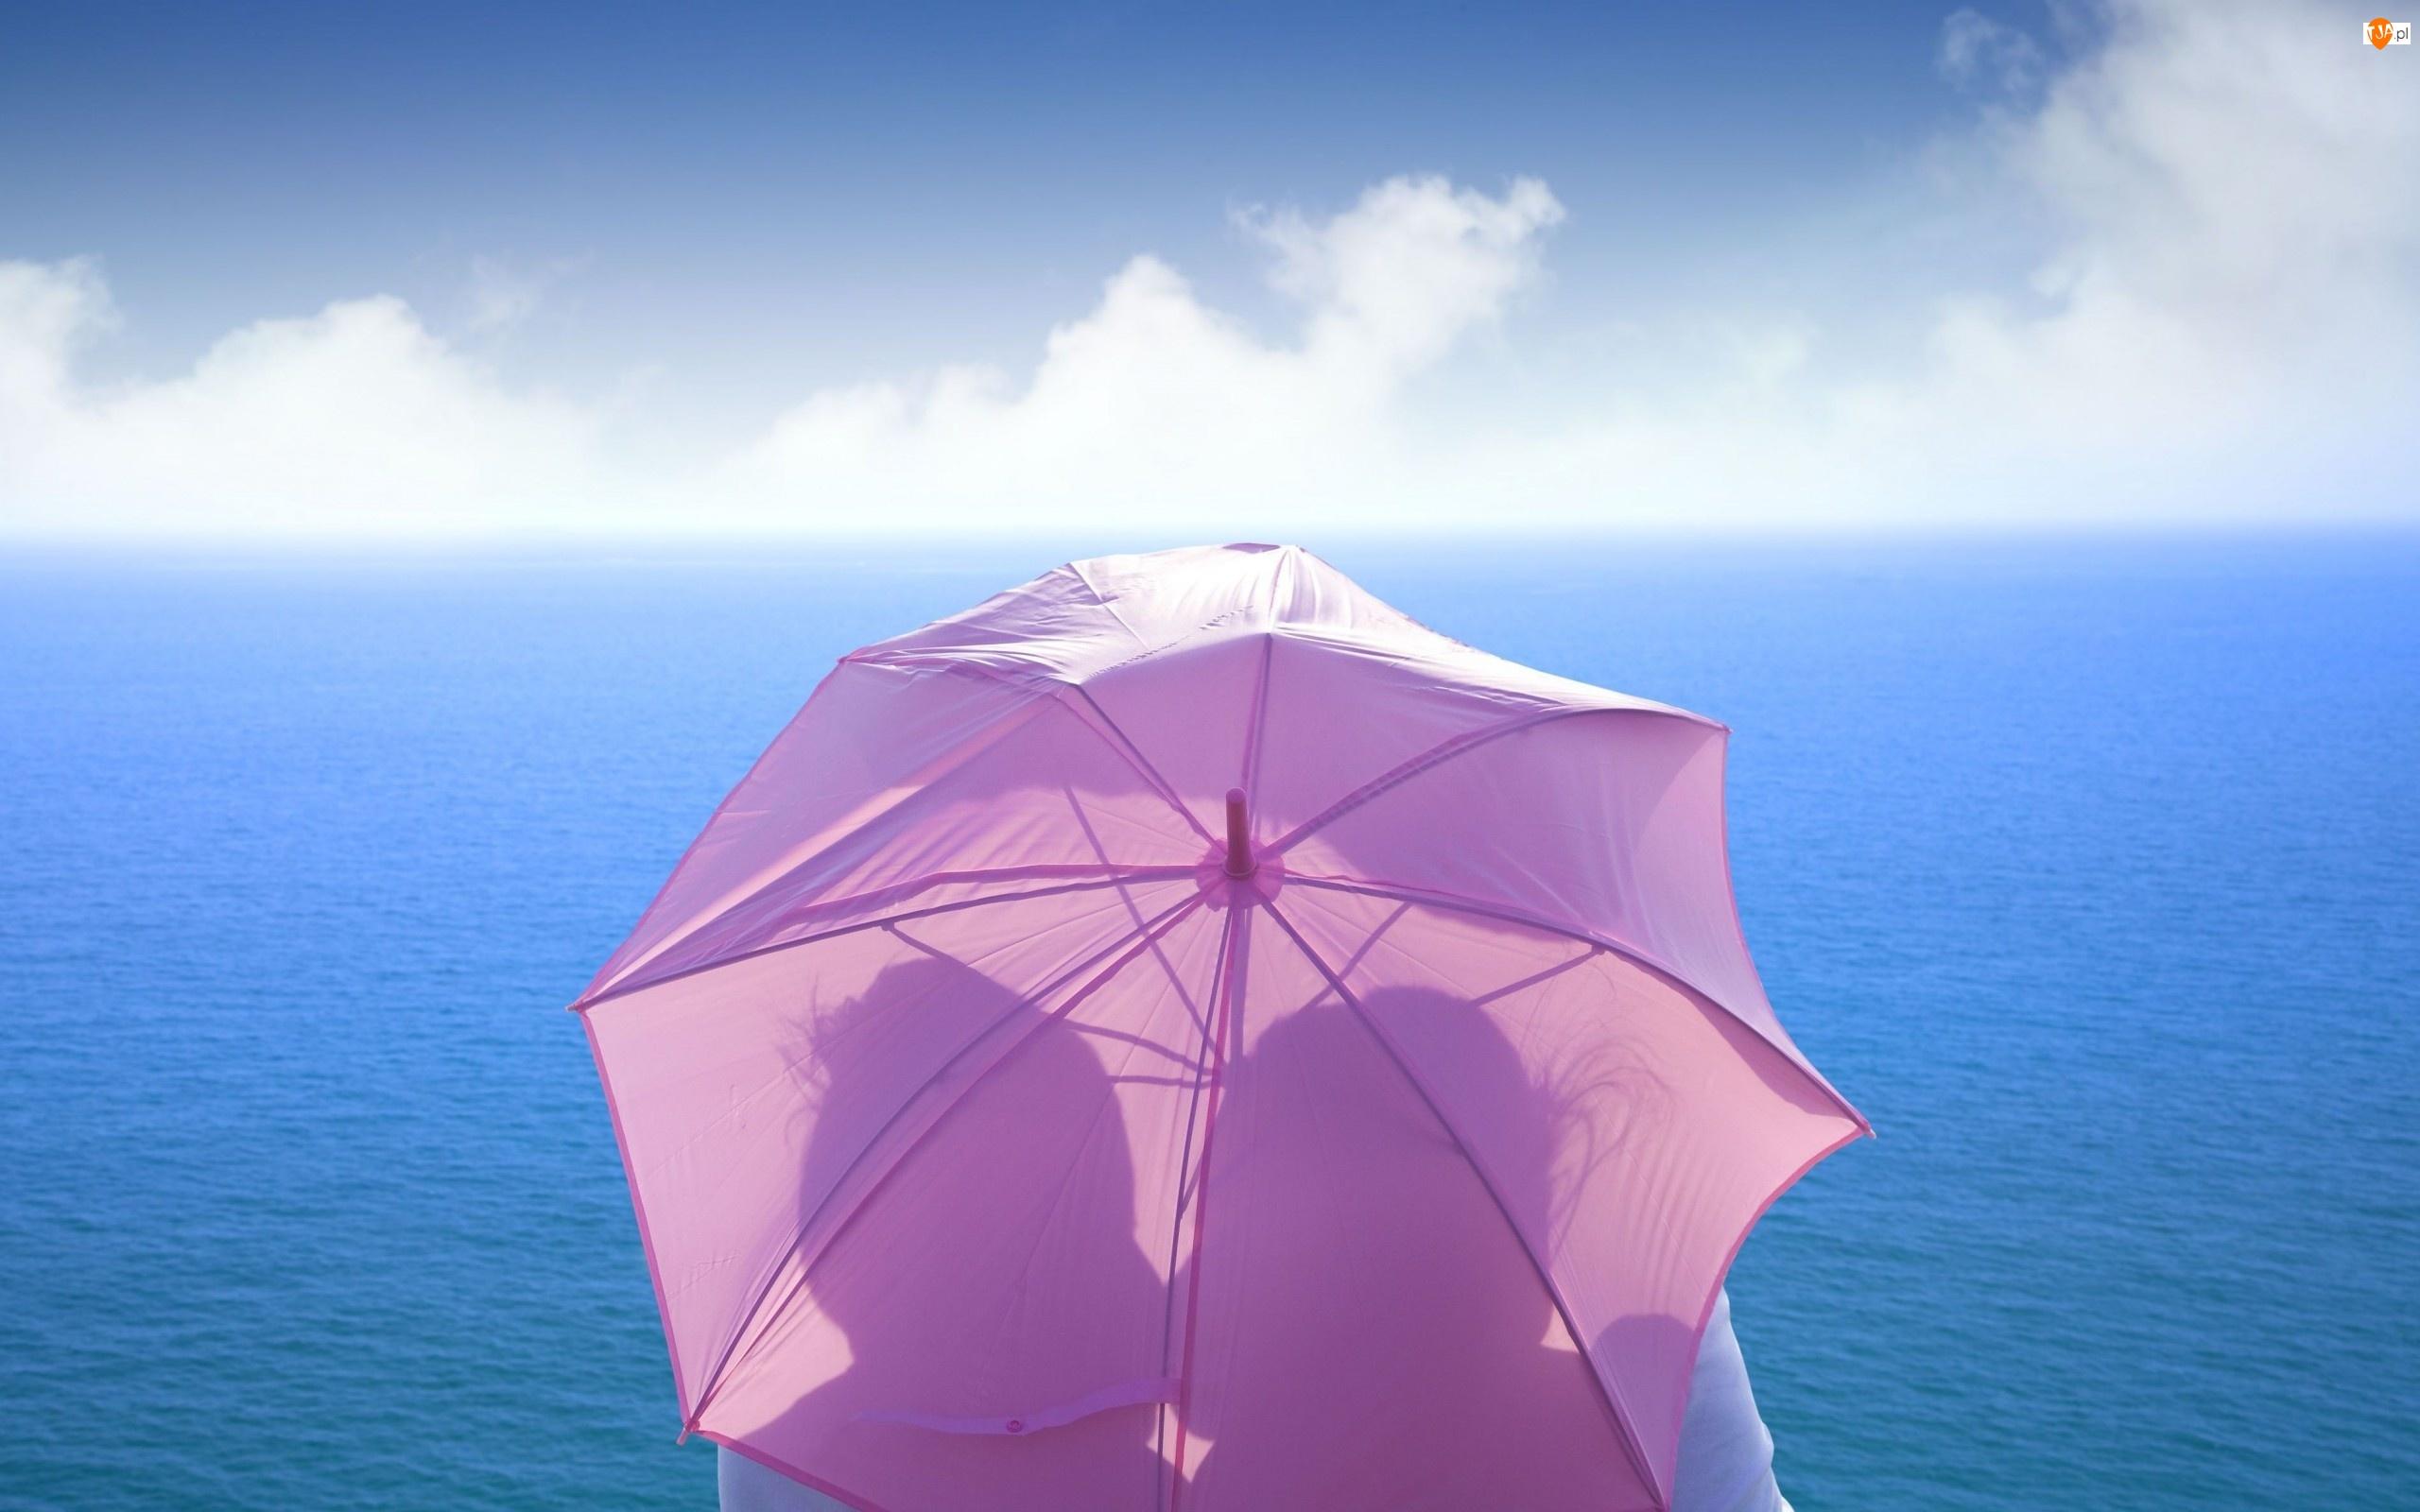 Morze, Cienie, Niebo, Parasolka